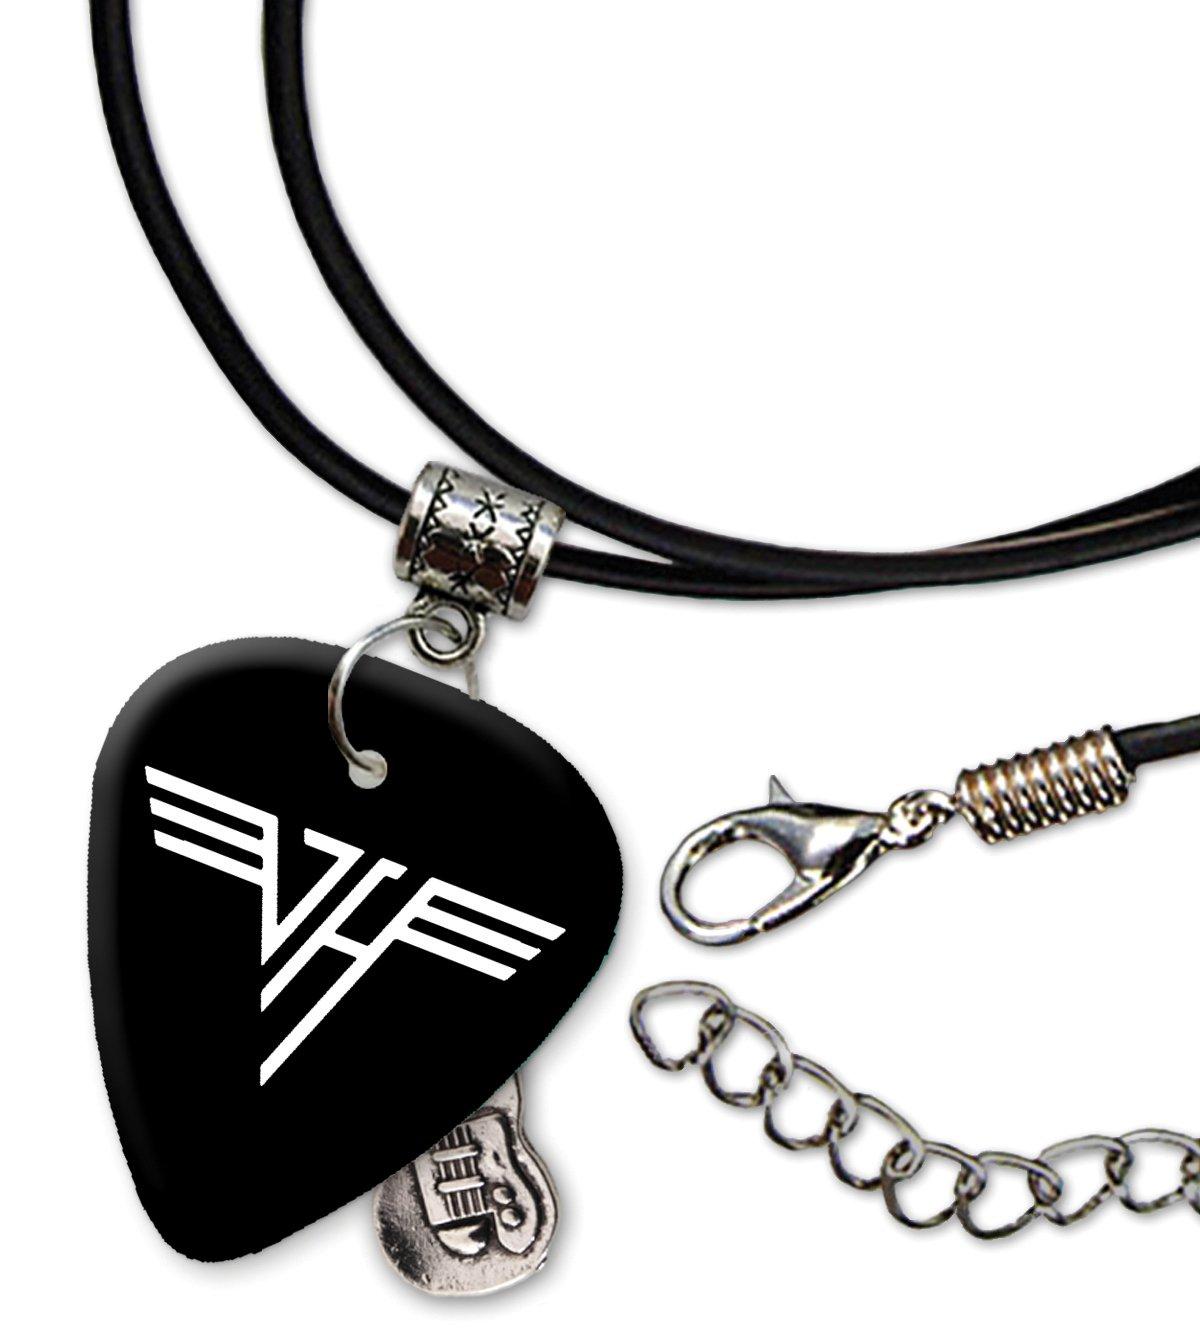 Van Halen Band Logo Collar de cordón de púa de guitarra (H ...